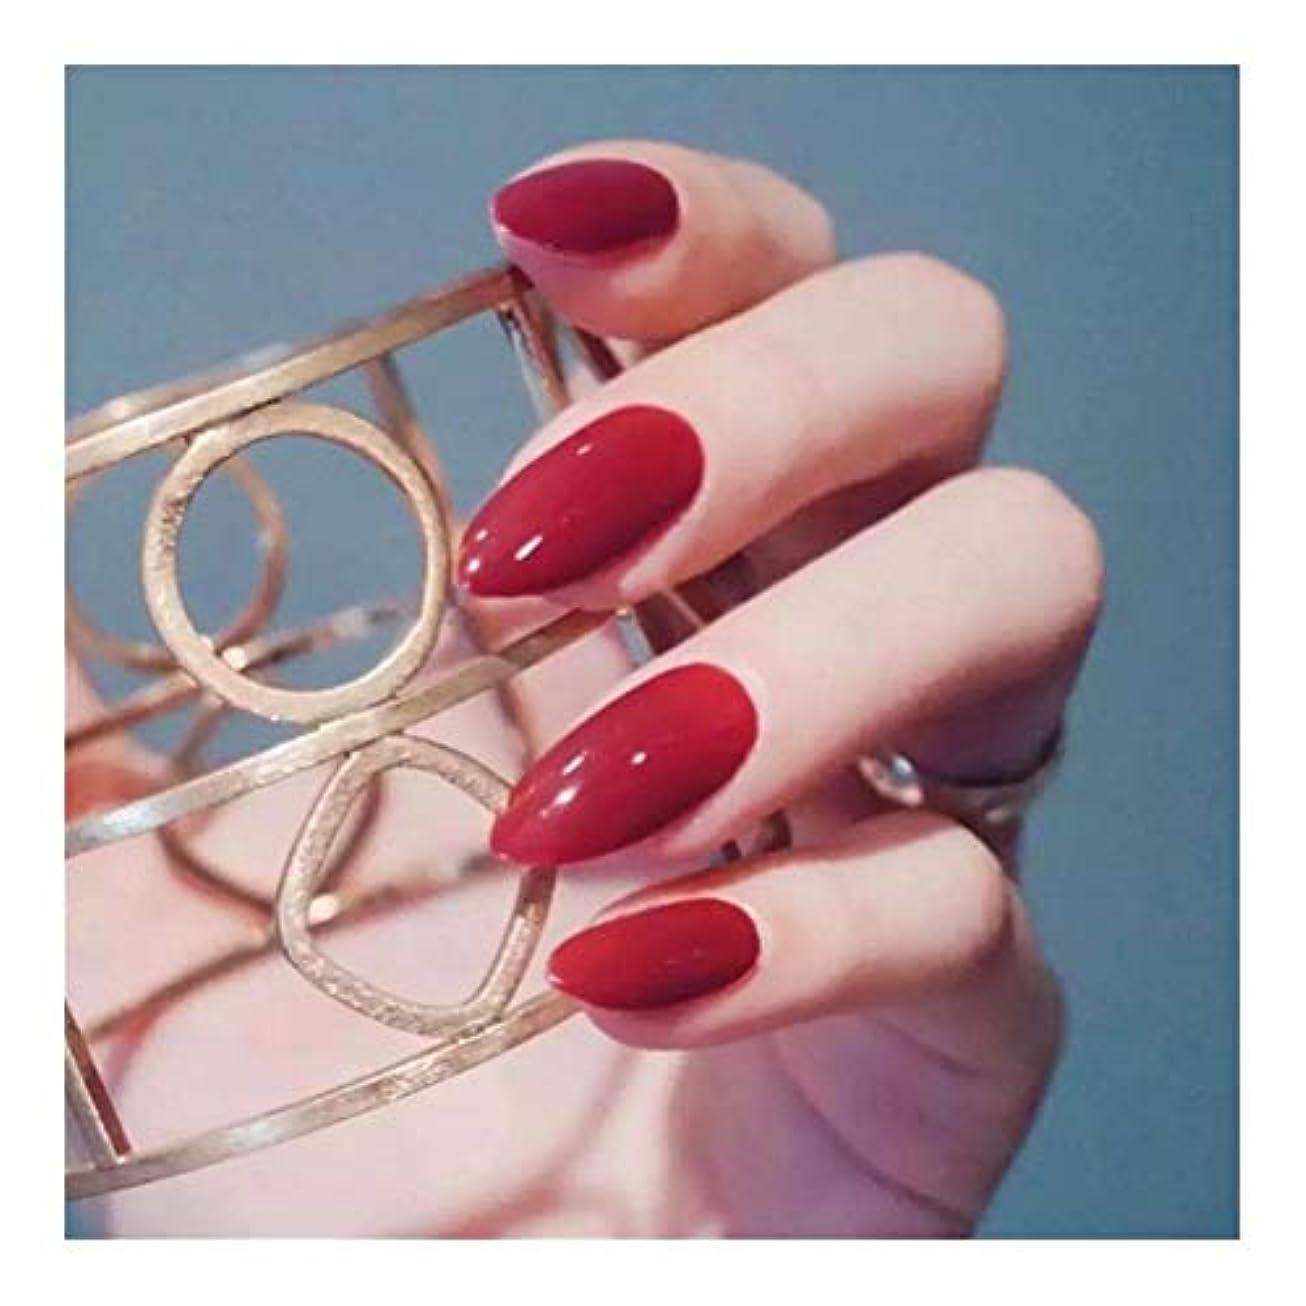 上へ割合ジムYESONEEP リムーバブル服ヒント長いセクション明るい赤ネイルネイルグルーフェイク釘完成 (色 : 24 pieces)